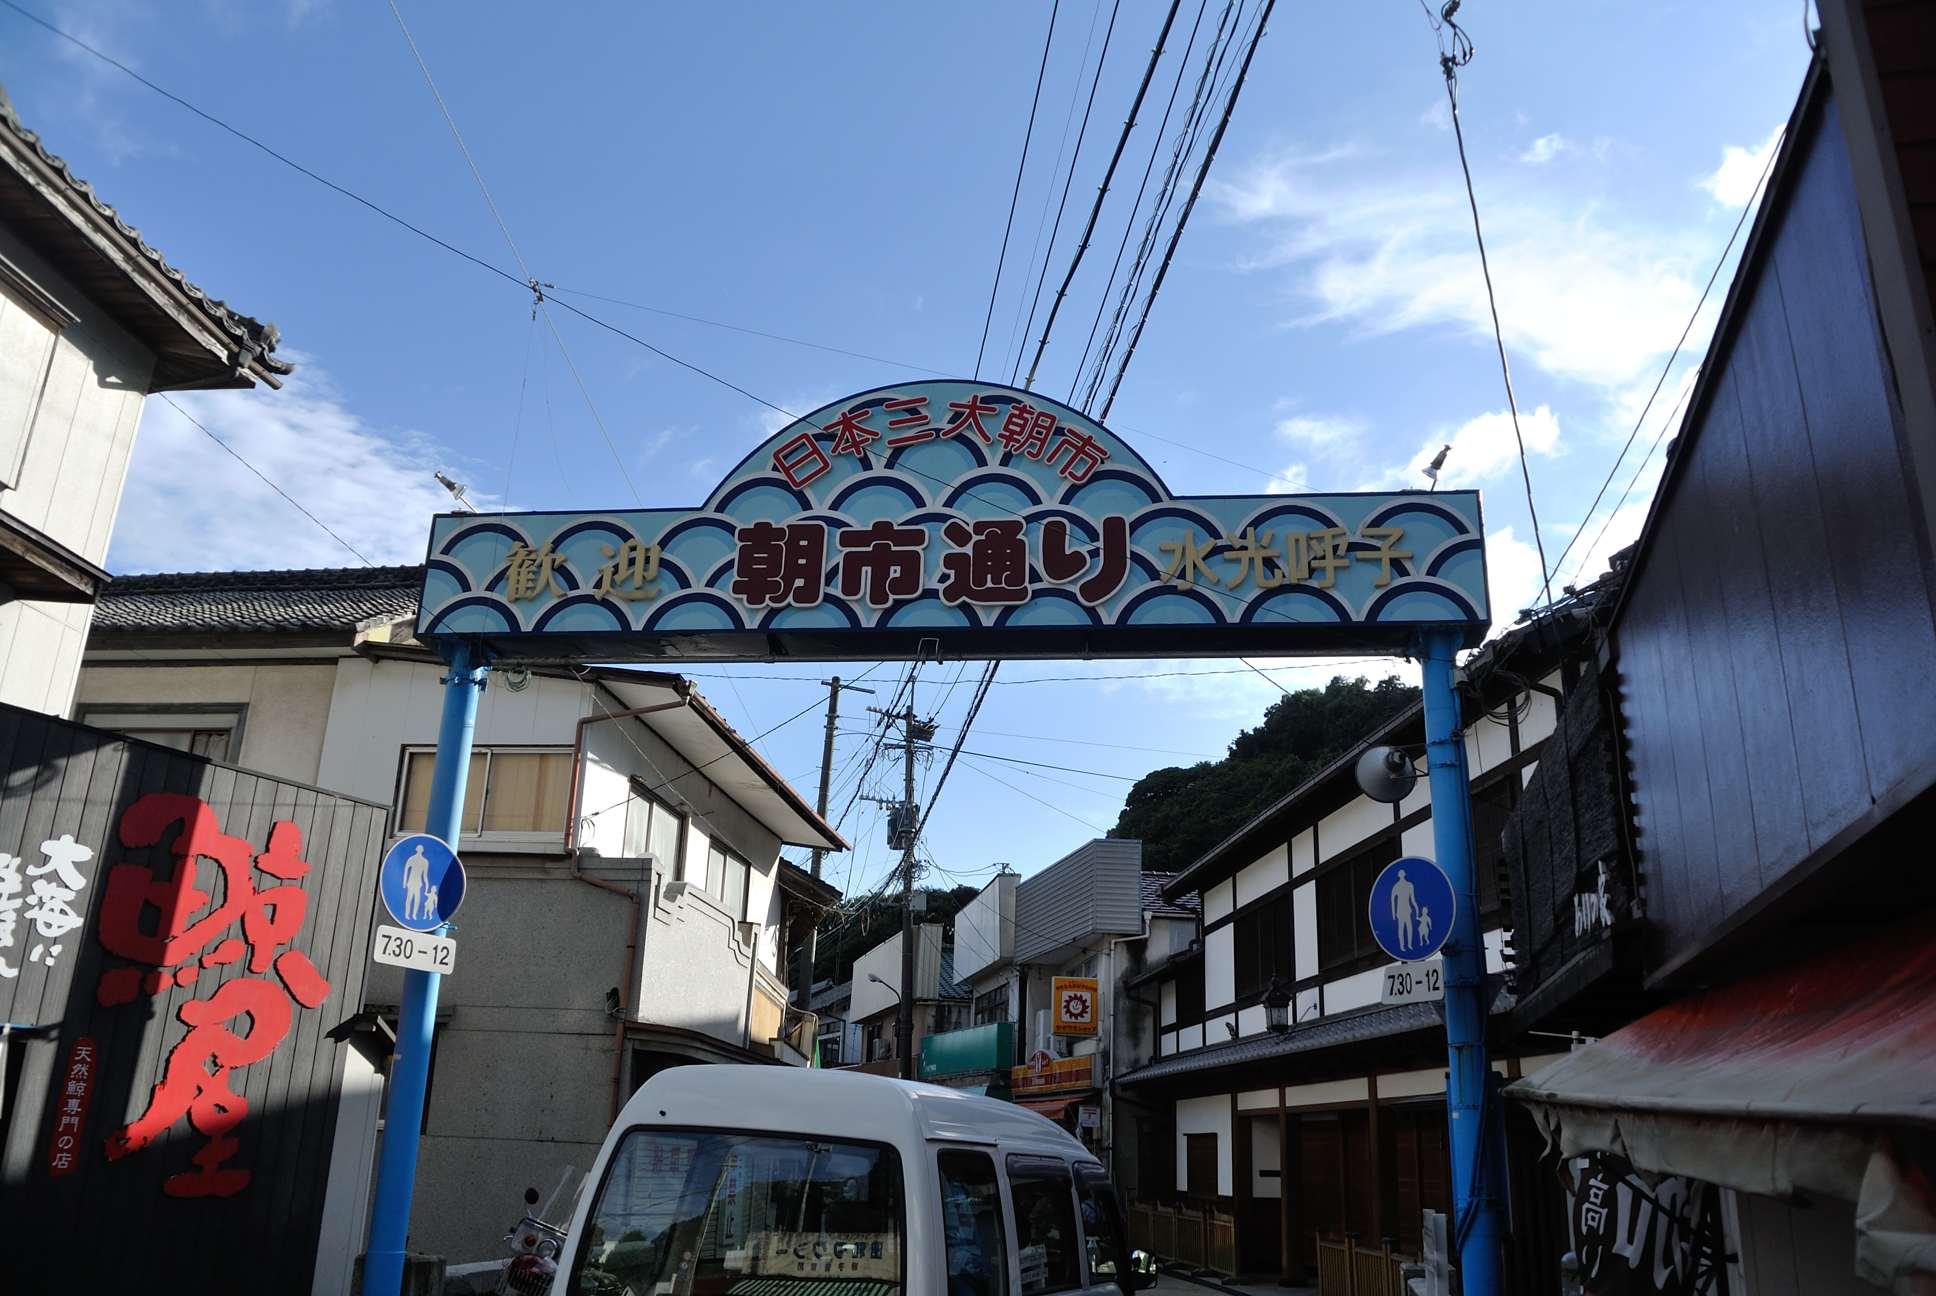 日本3大朝市の一つ呼子の朝市